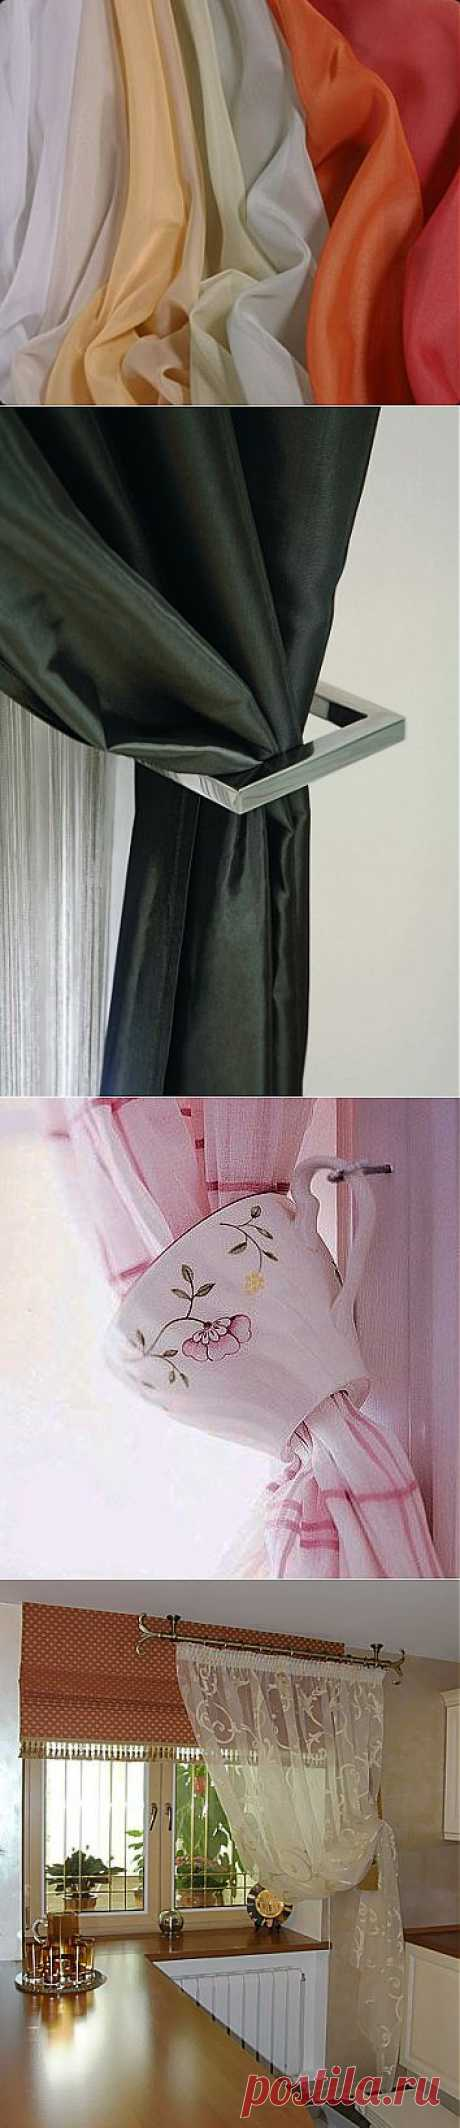 Занавески на кухню. Фото рассеют сомнения. ... + ВИДЕО-совет!!!!